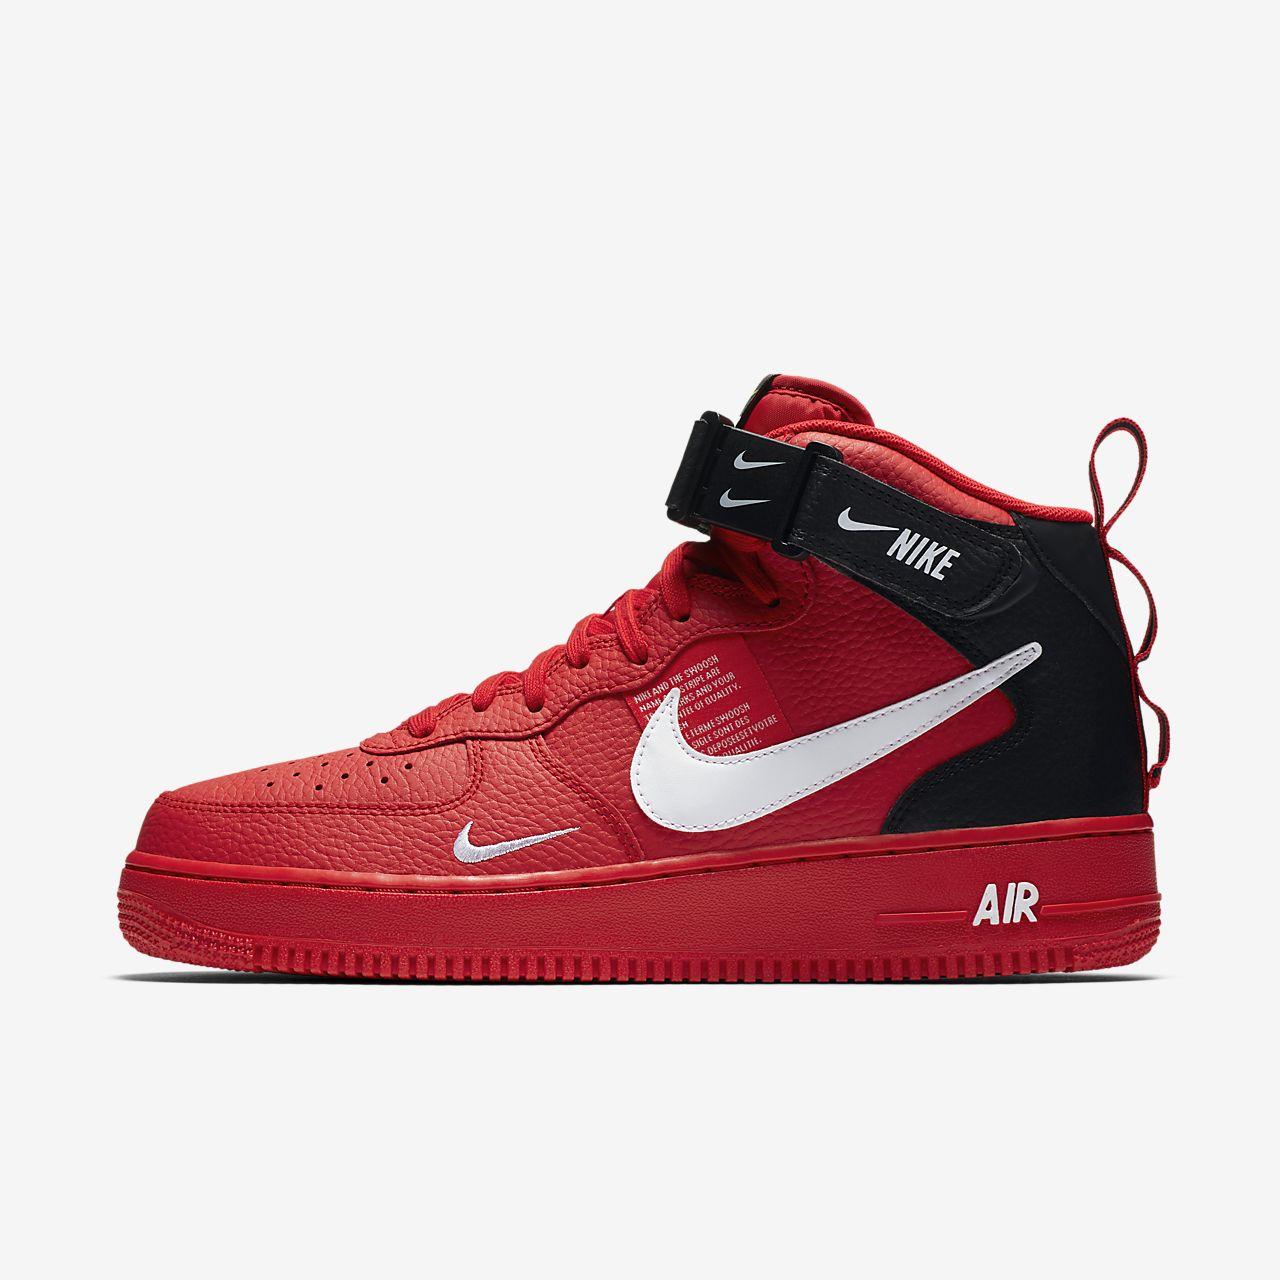 brand new 55d51 1ff13 Sko Nike Air Force 1 07 Mid LV8 för män